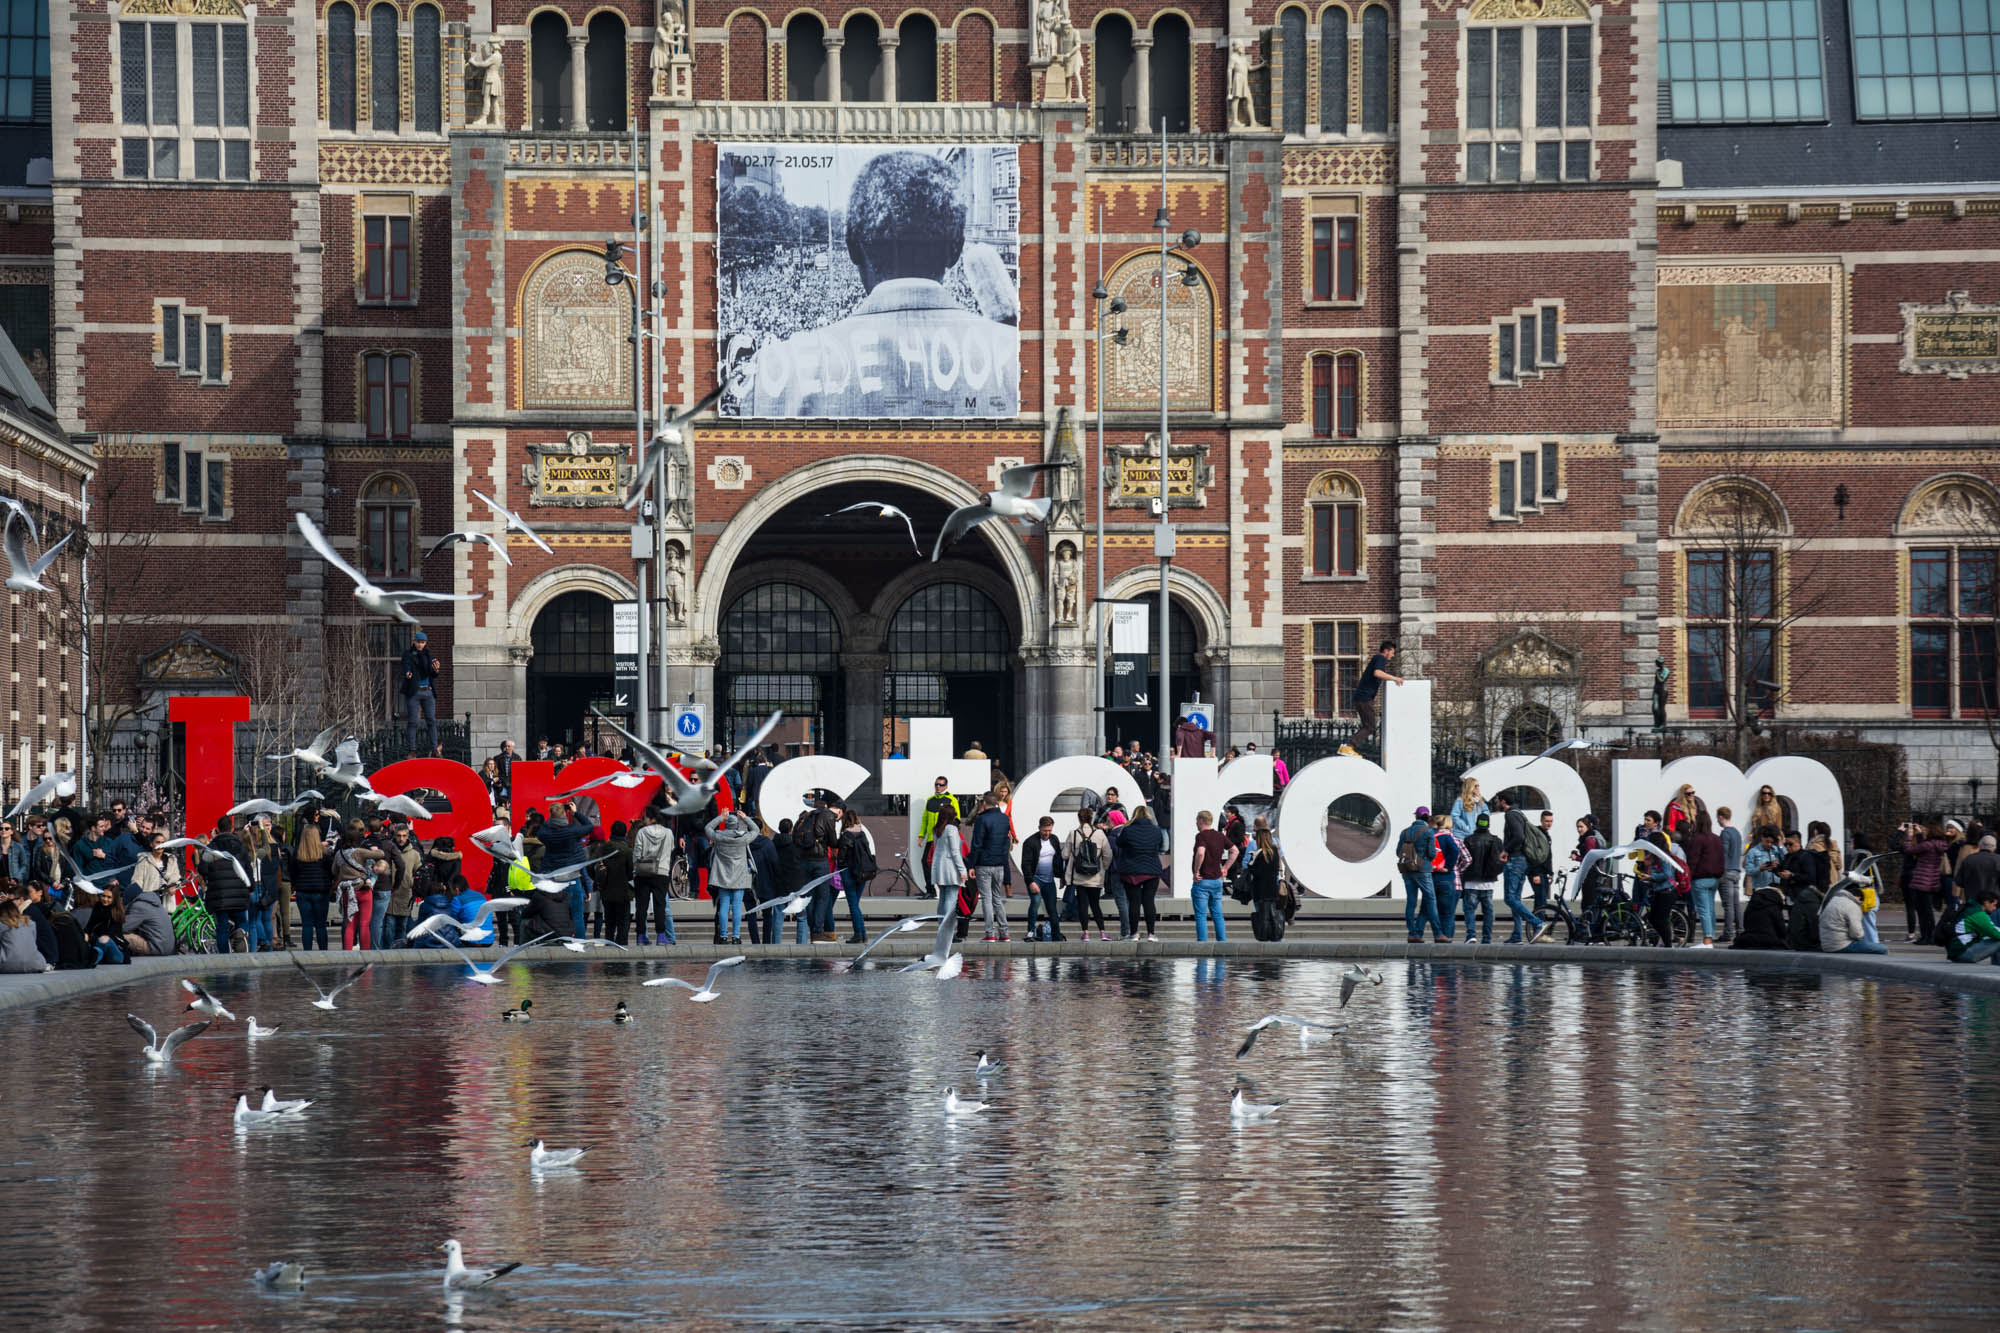 Как сэкономить в Амстердаме на транспорте и музеях?